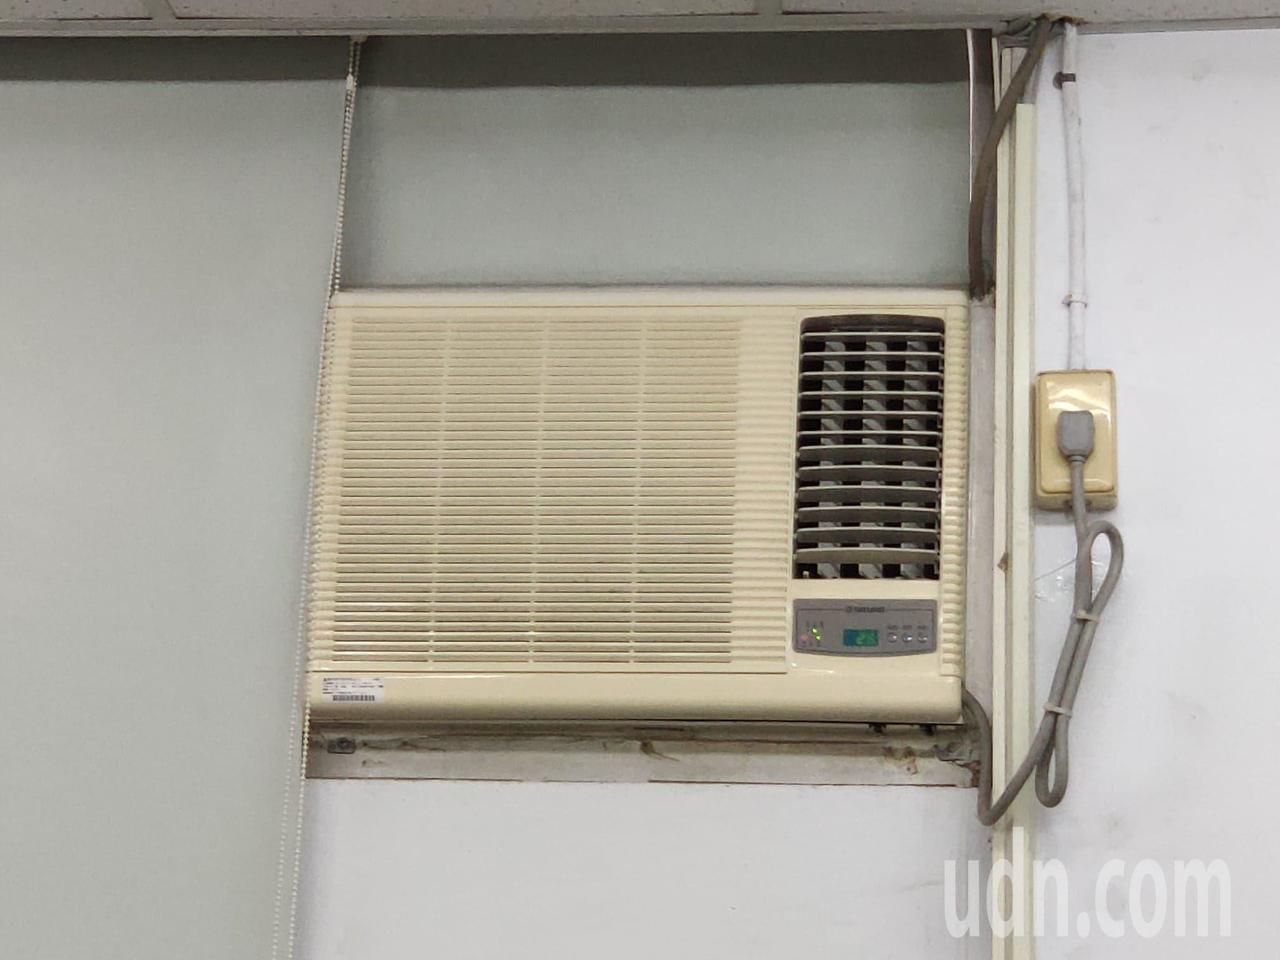 台南市辦理第二期汰換老舊冰箱、冷氣等家電補助,即日起受理民眾申請。記者謝進盛/攝...